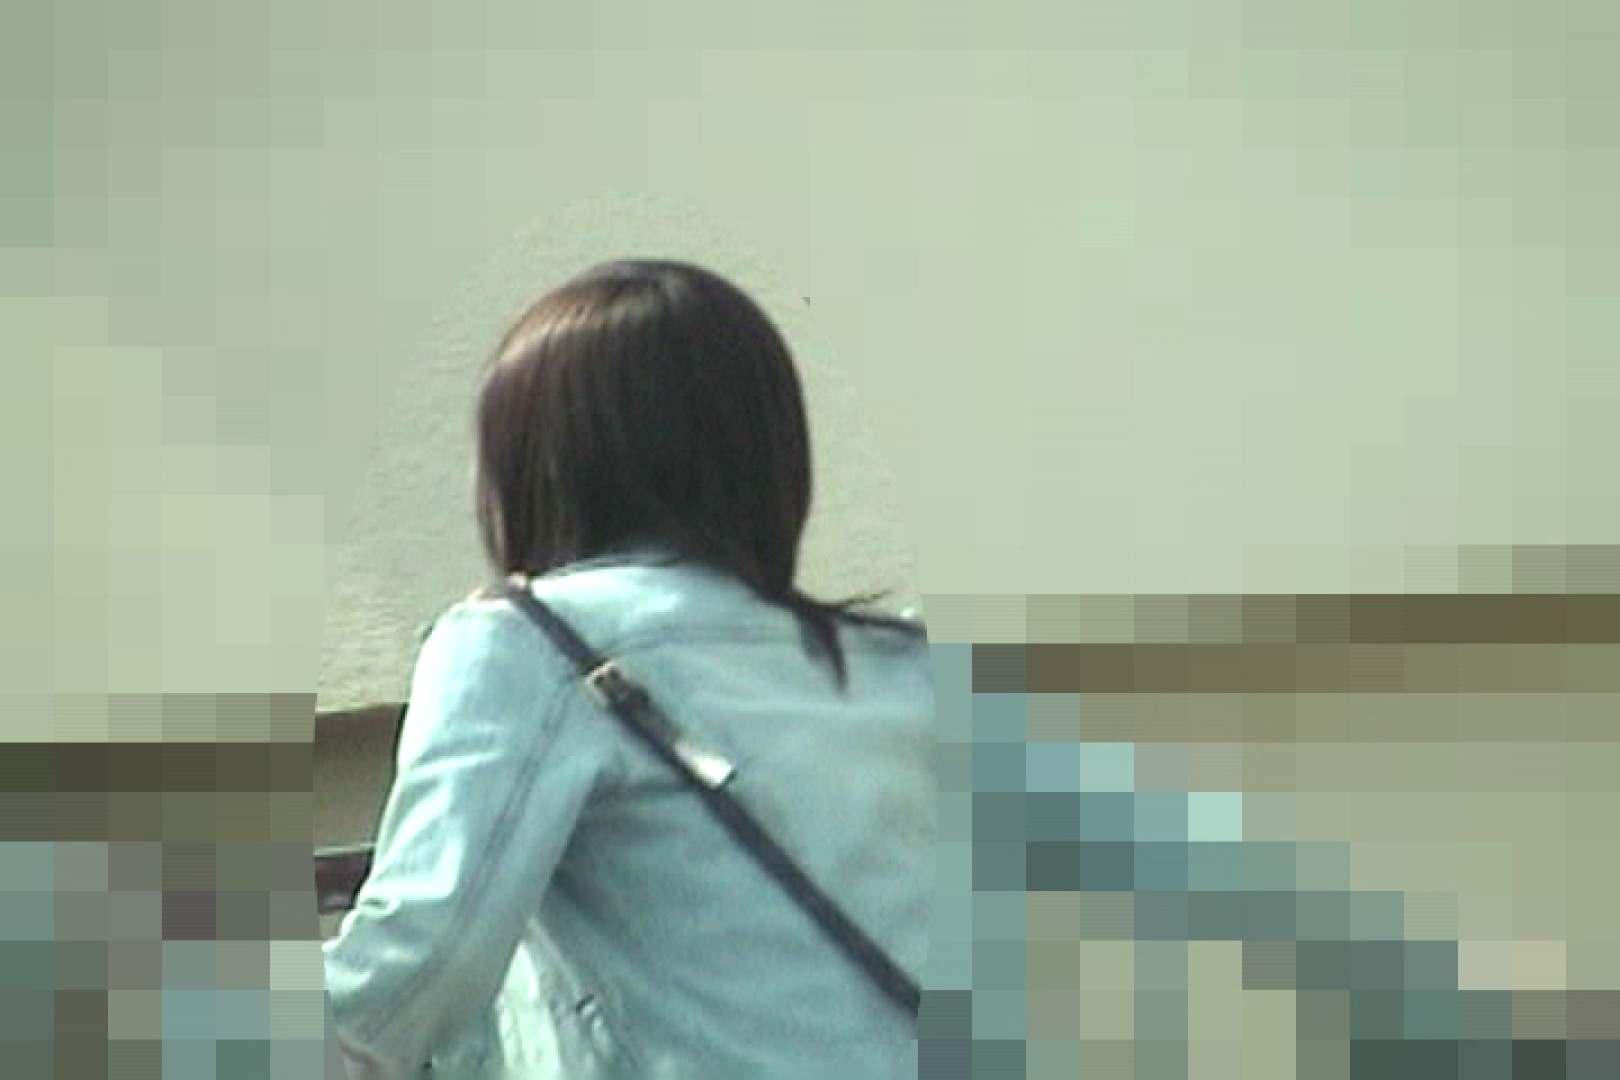 Aquaな露天風呂Vol.58【VIP限定】 エッチな盗撮 おまんこ動画流出 95pic 2